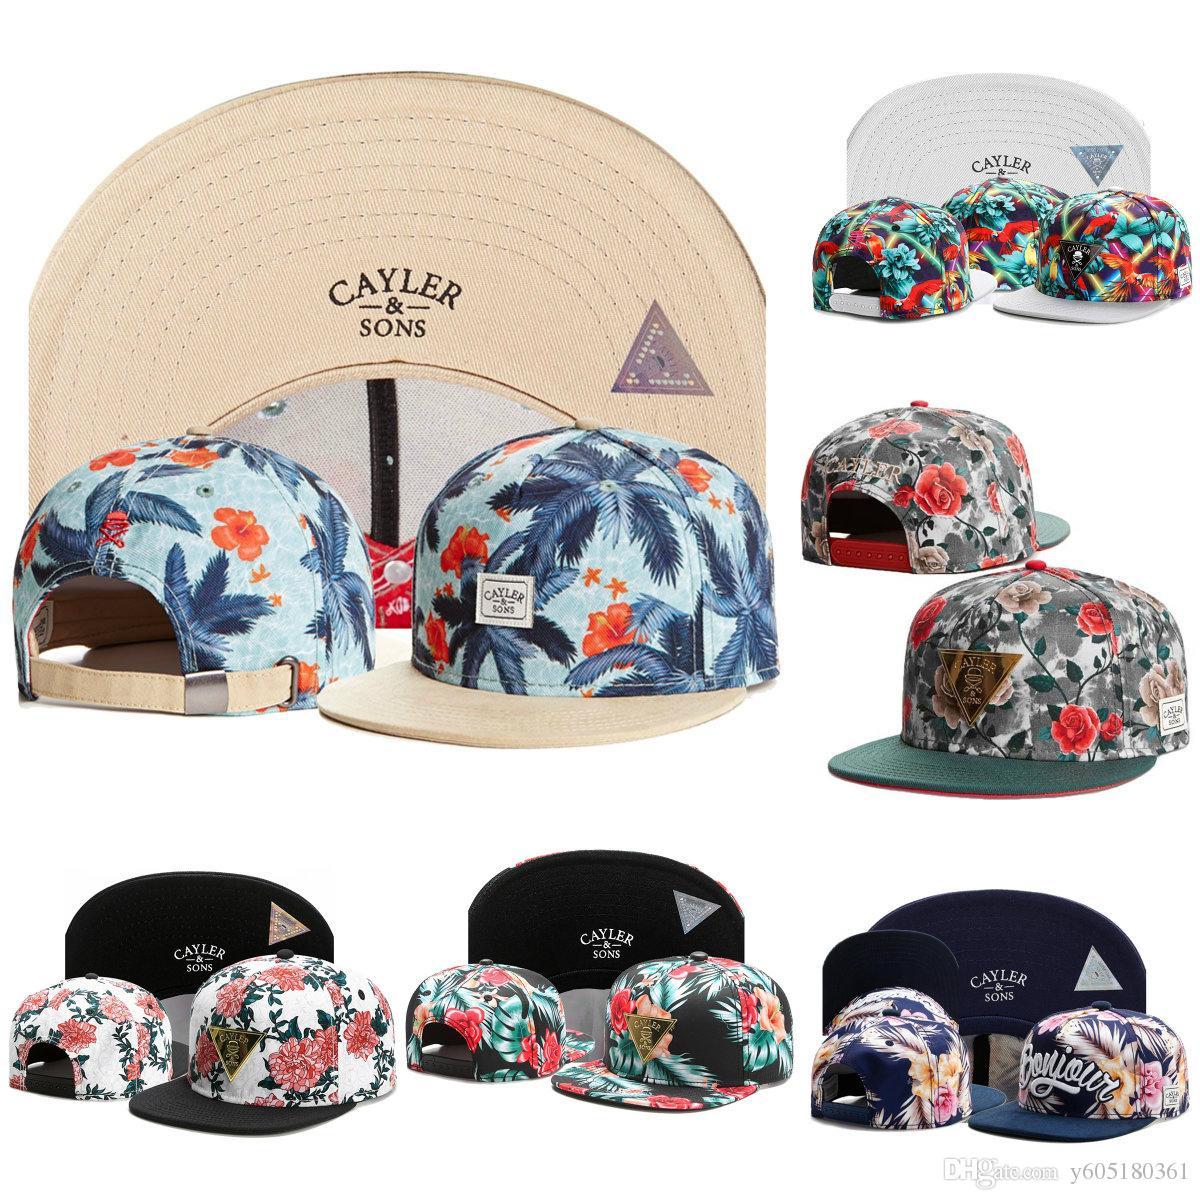 Hip Hop Snapback Cap Mens Basketball Hat Baseball Caps Hats Firred Brad Men  Women Brand Hat Flowers Golf Casquettl Basketball Caps Men Hats Zephyr Hats  From ... 99481a71935